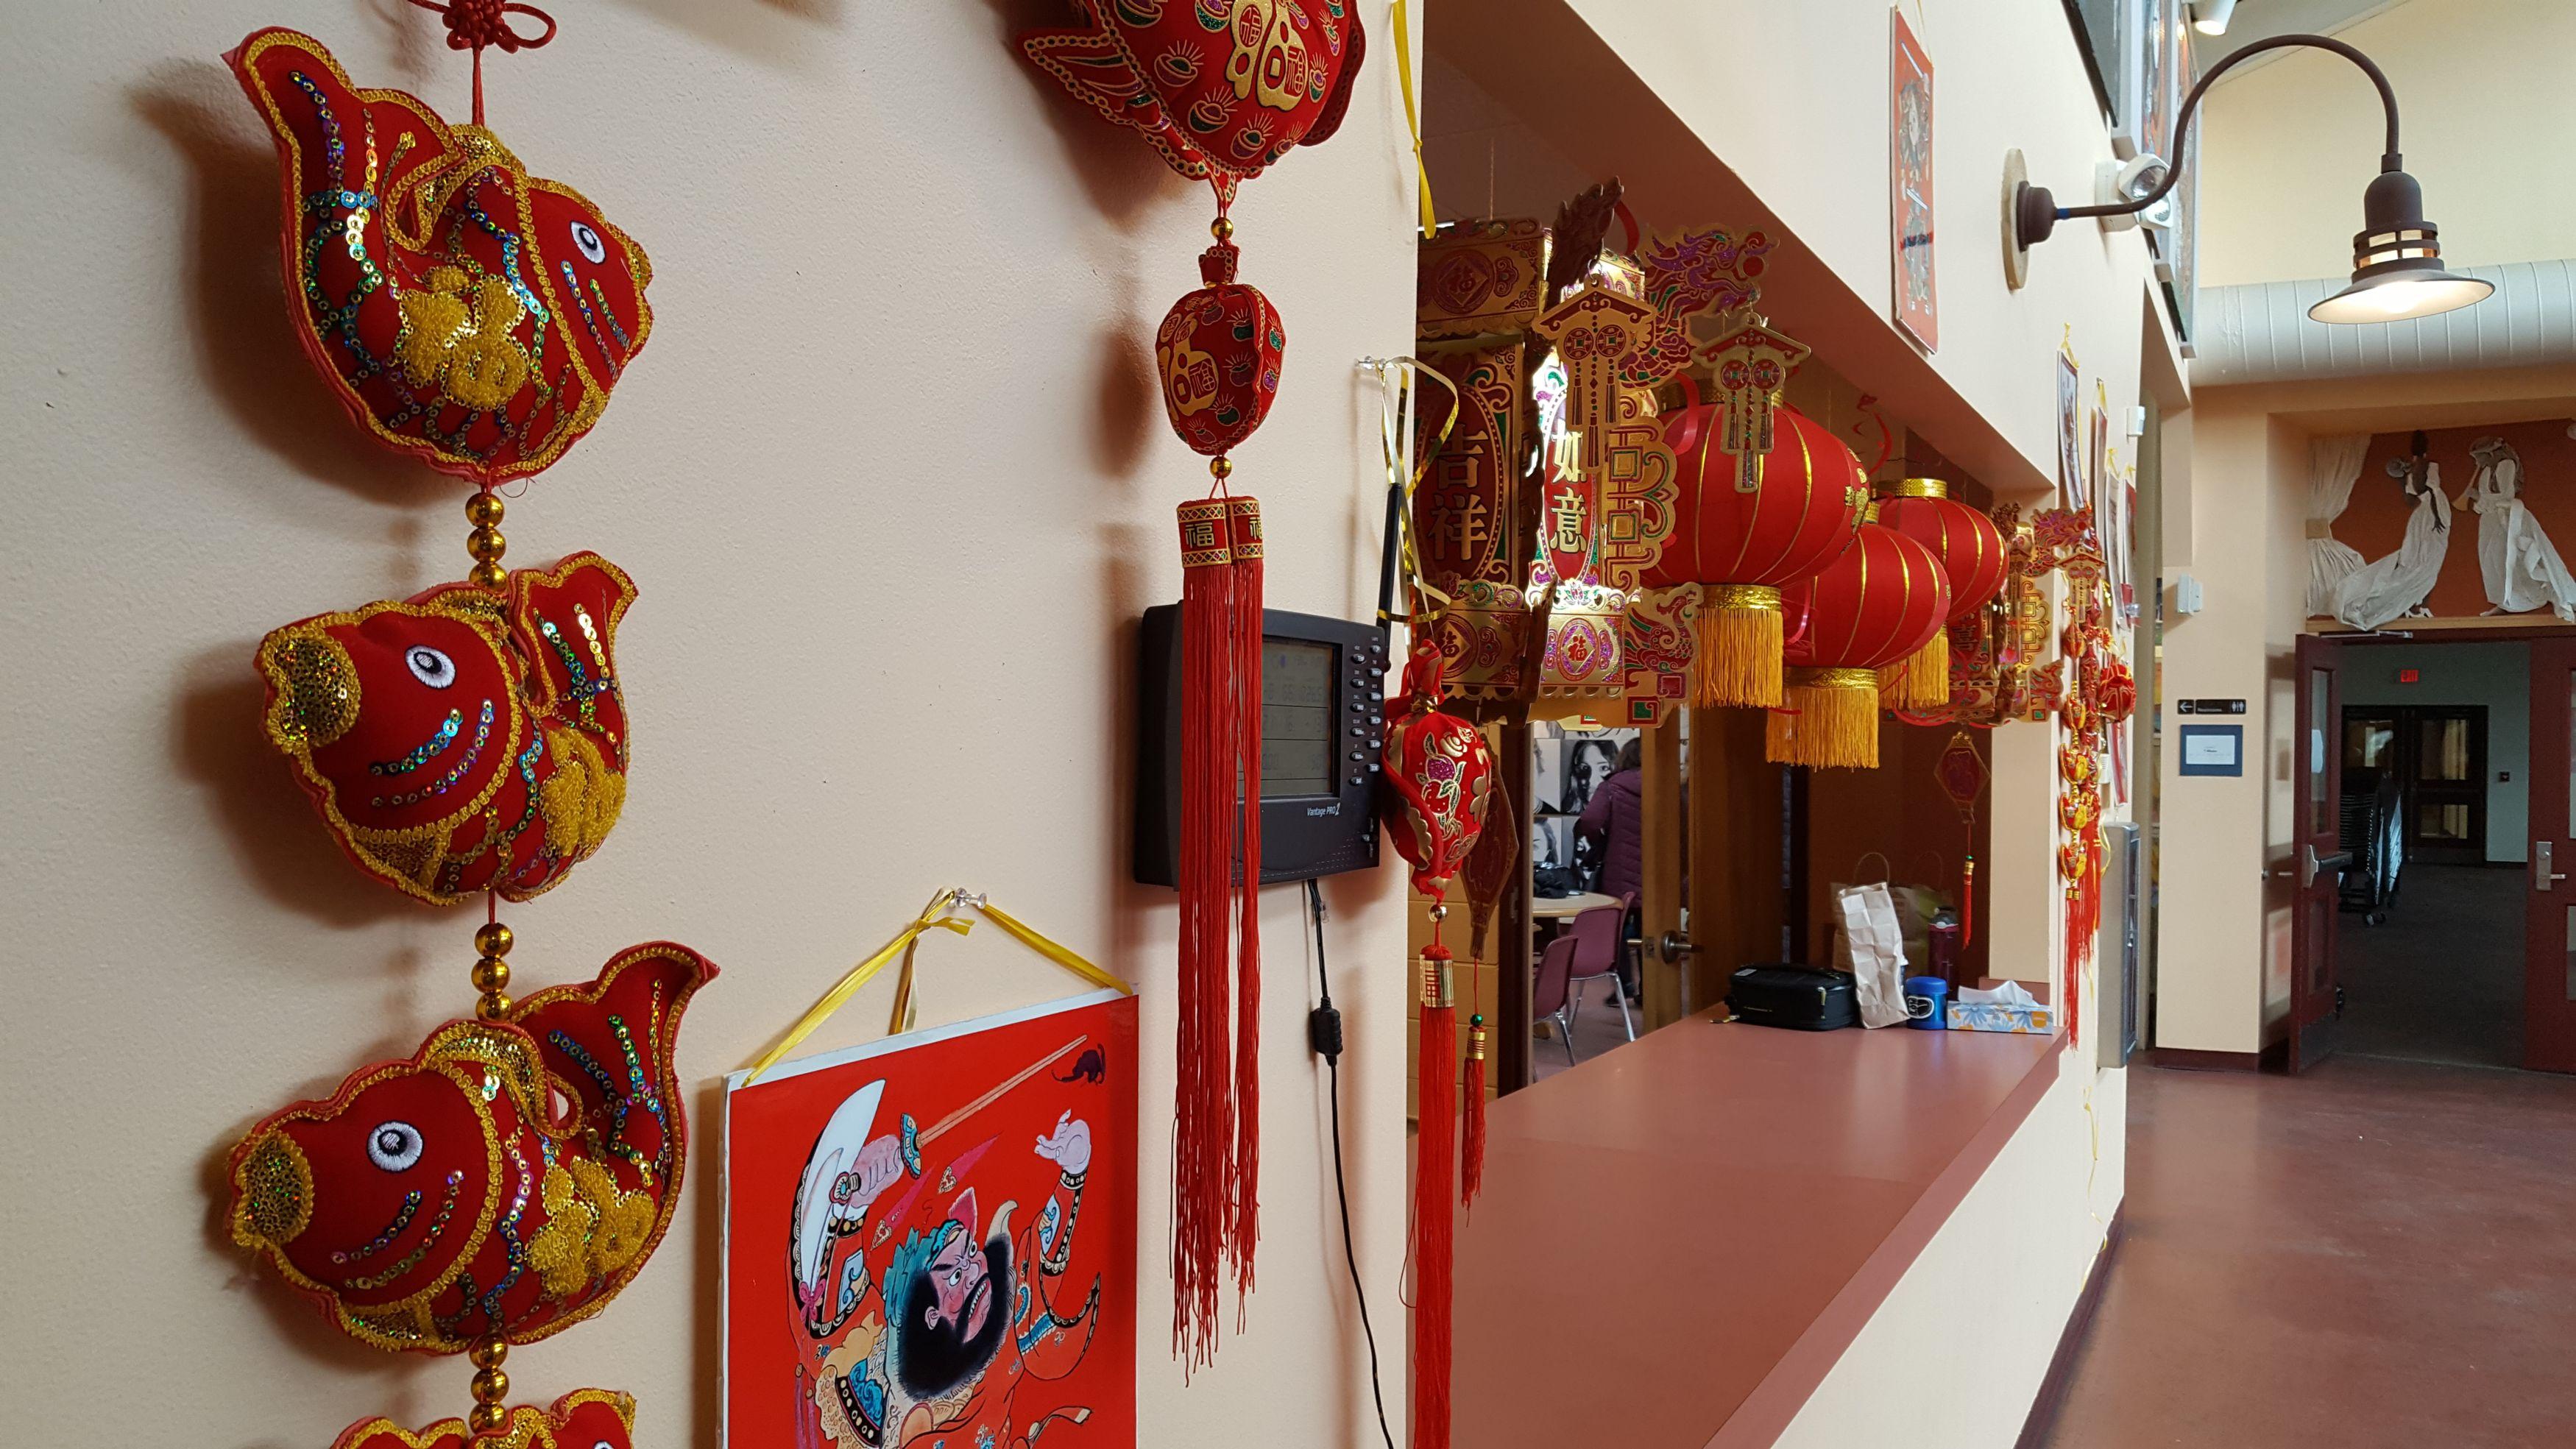 School Hallway Decorated for Lunar New Year